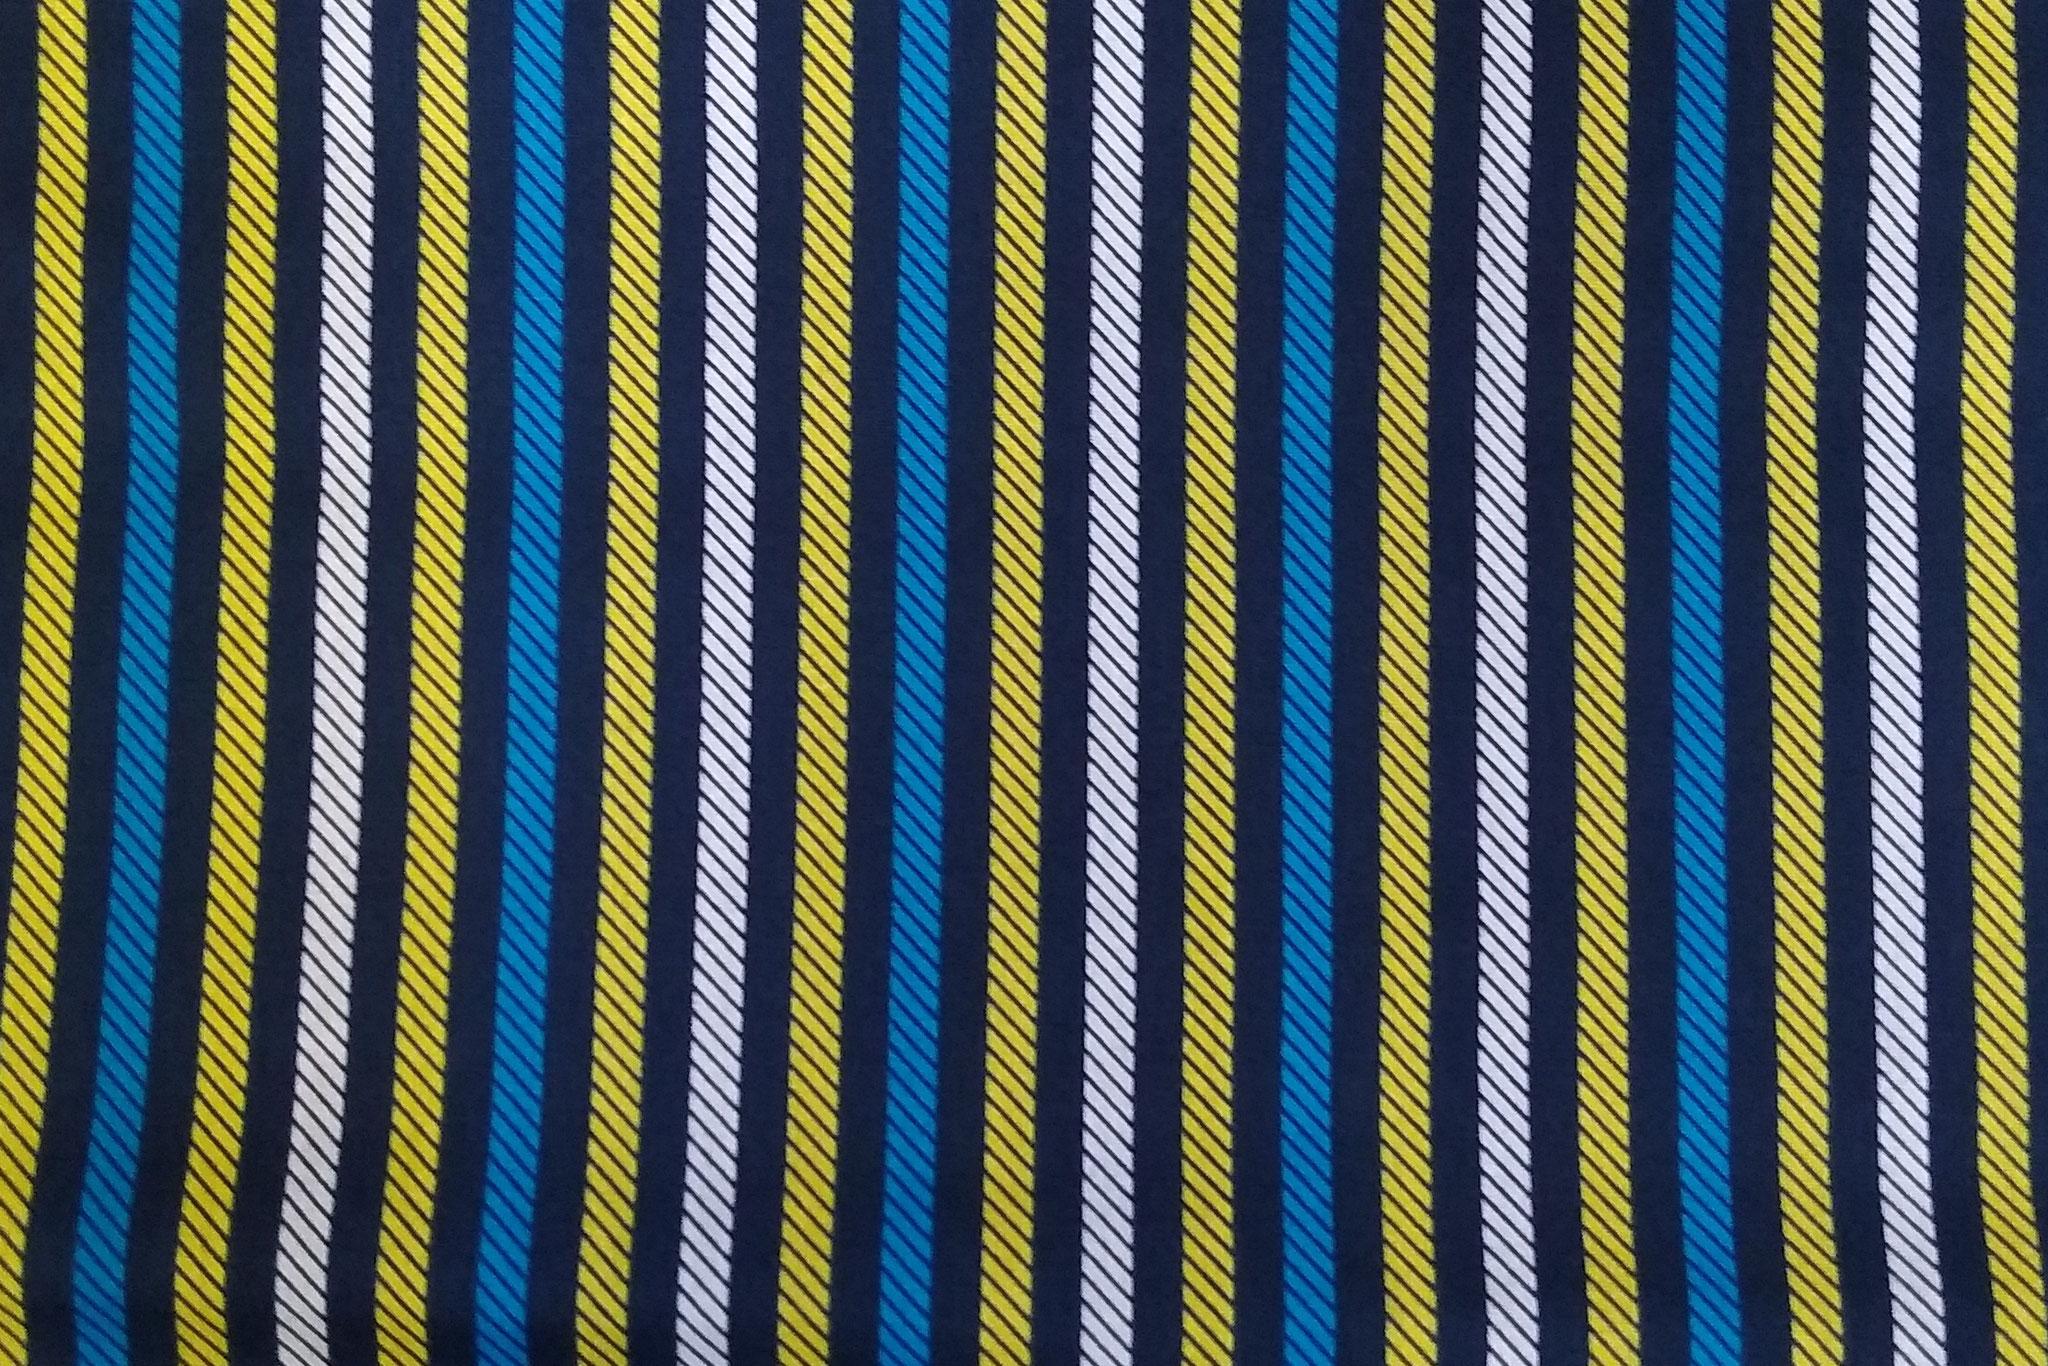 Baumwolle Streifen auf dunkelblau, 140 cm breit, 0.5m 5.50€